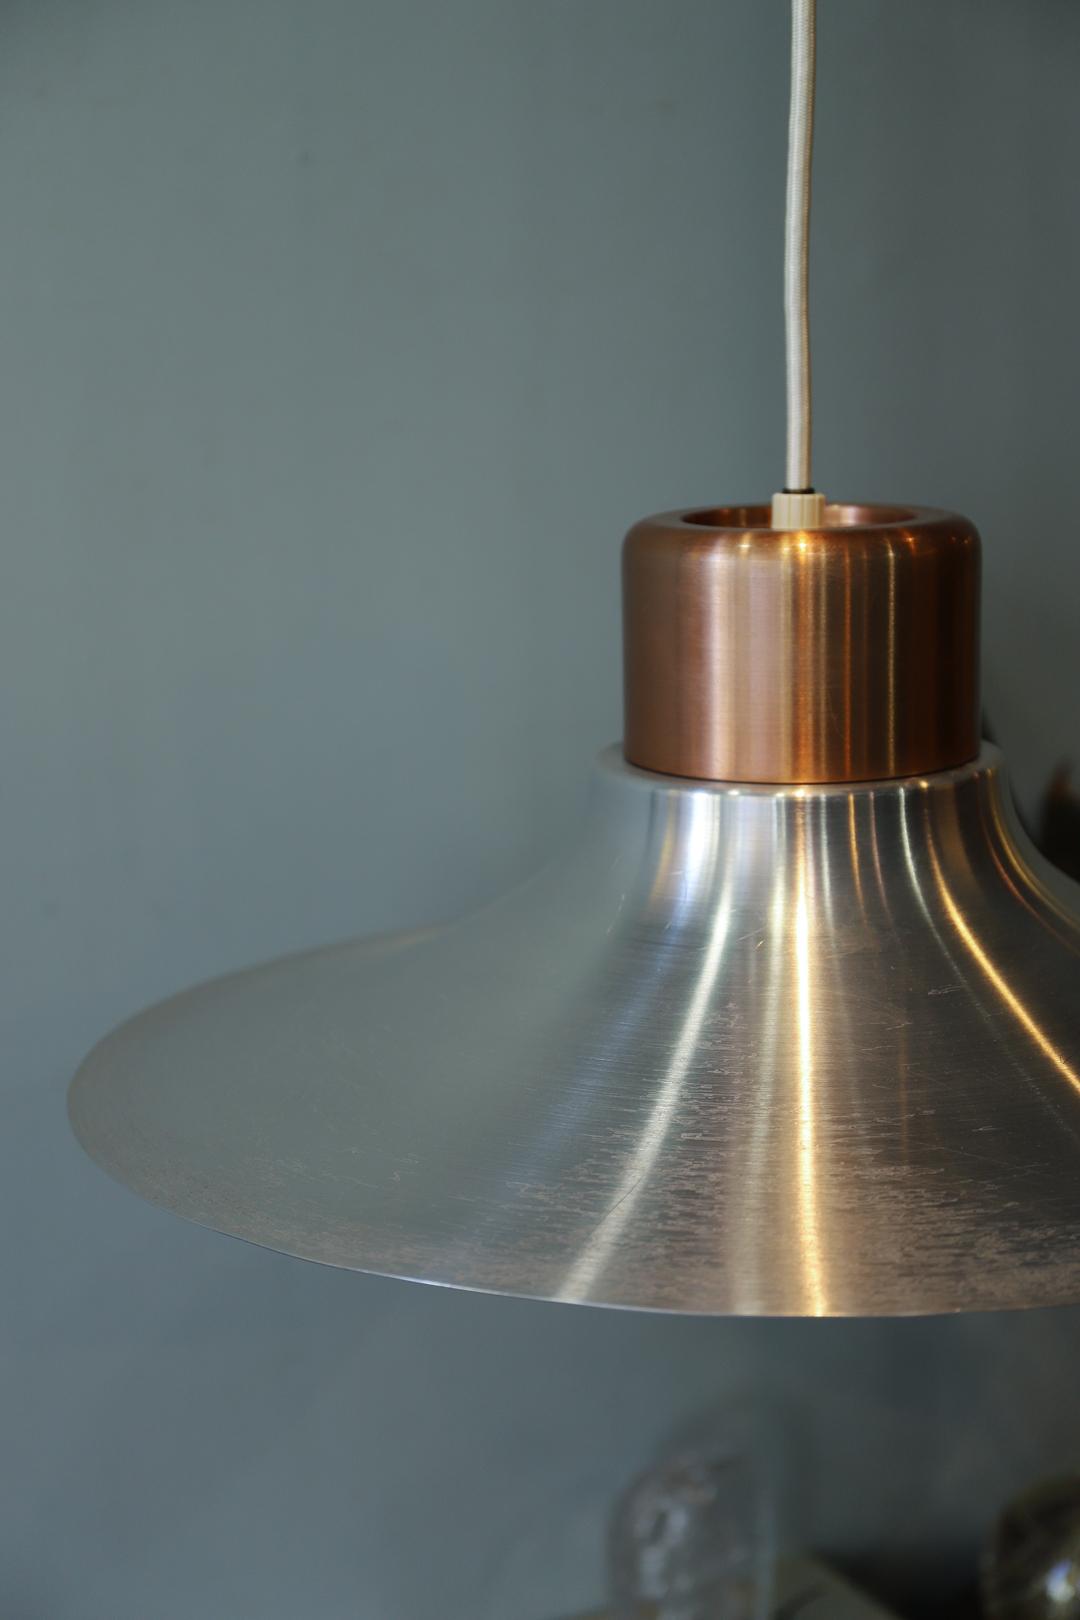 Japanese Vintage Mid century design Pendant Light/ミッドセンチュリーデザイン ペンダントライト アルミシェード ボール レトロ ヴィンテージ 照明